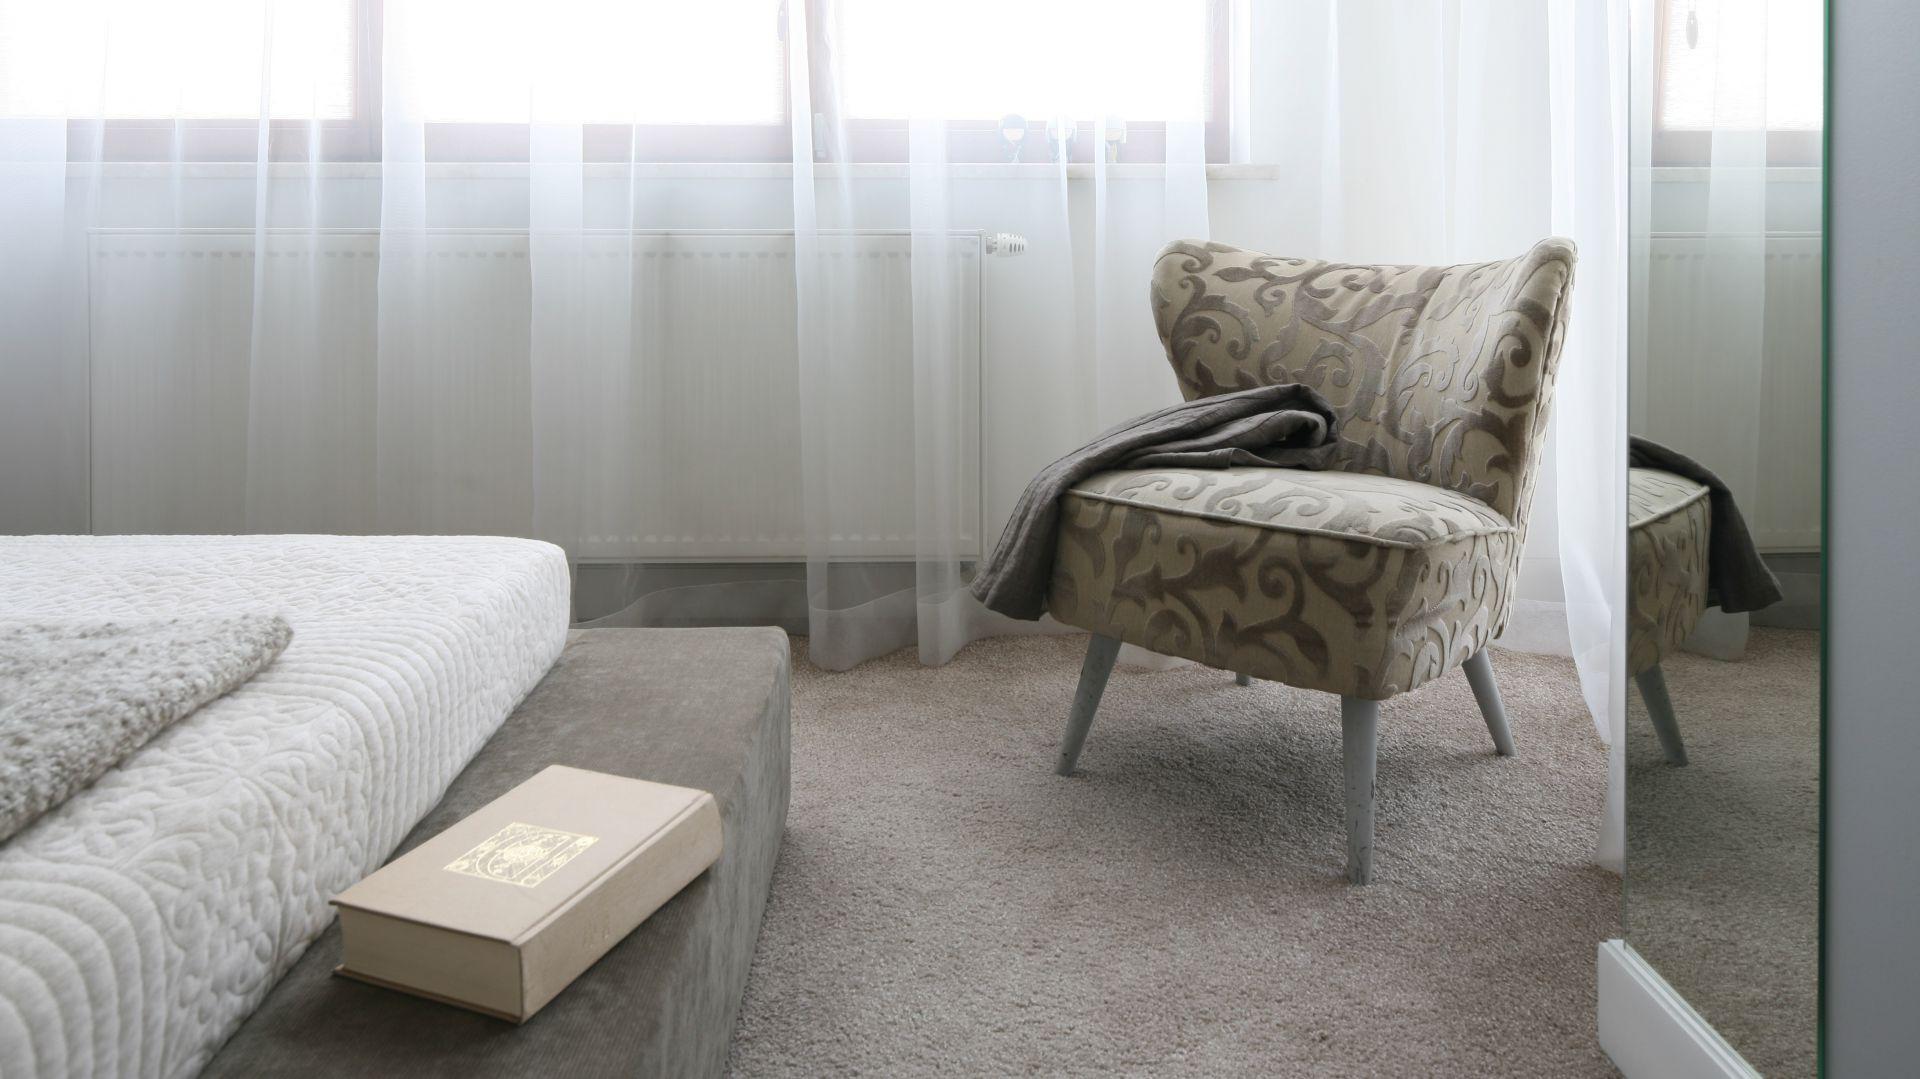 Podłoga W Sypialni Wykładzina Dywanowa